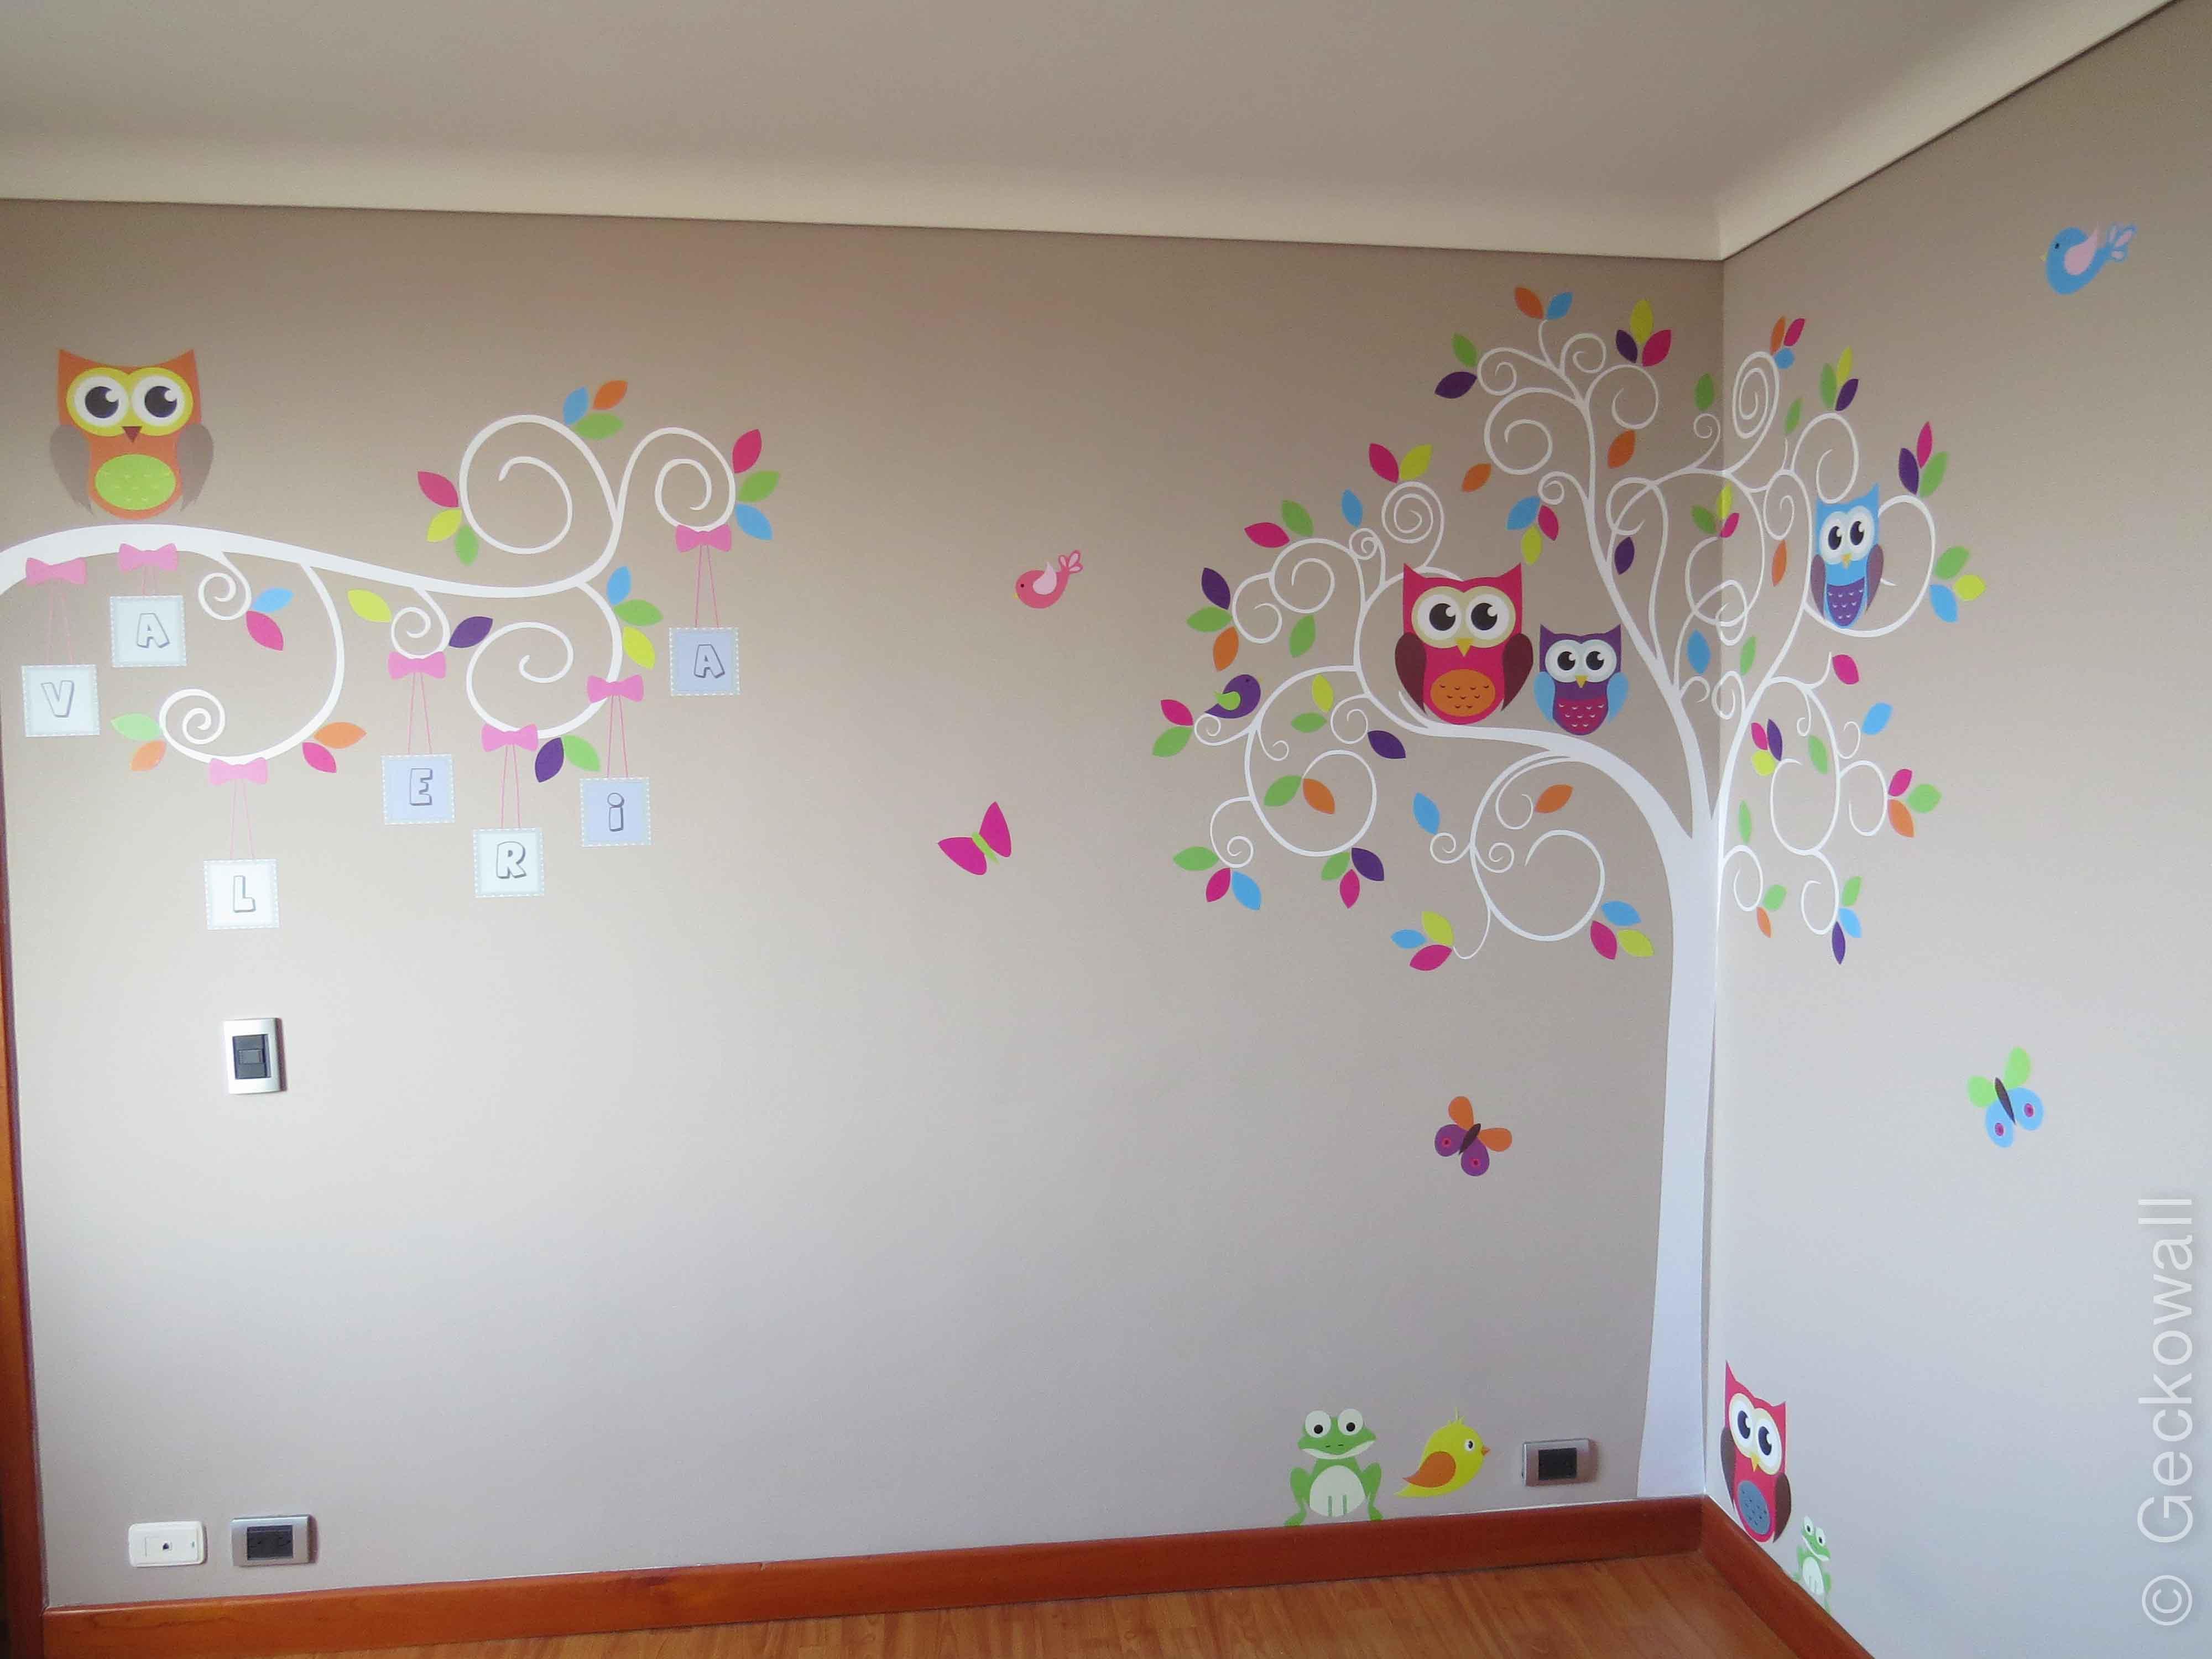 Vinilos decorativos cuadros y murales geckowall for Vinilos decorativos de pared infantiles